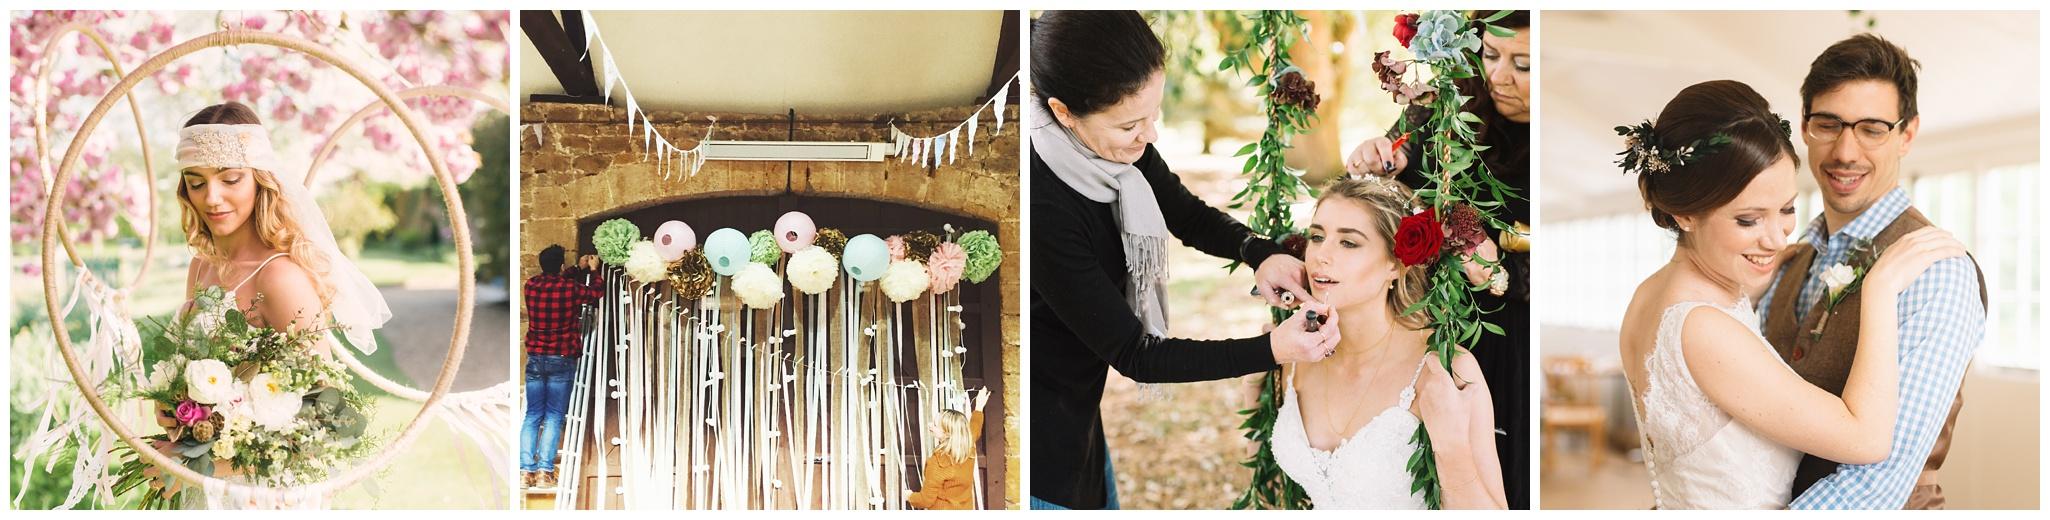 published-wedding-photographer-england